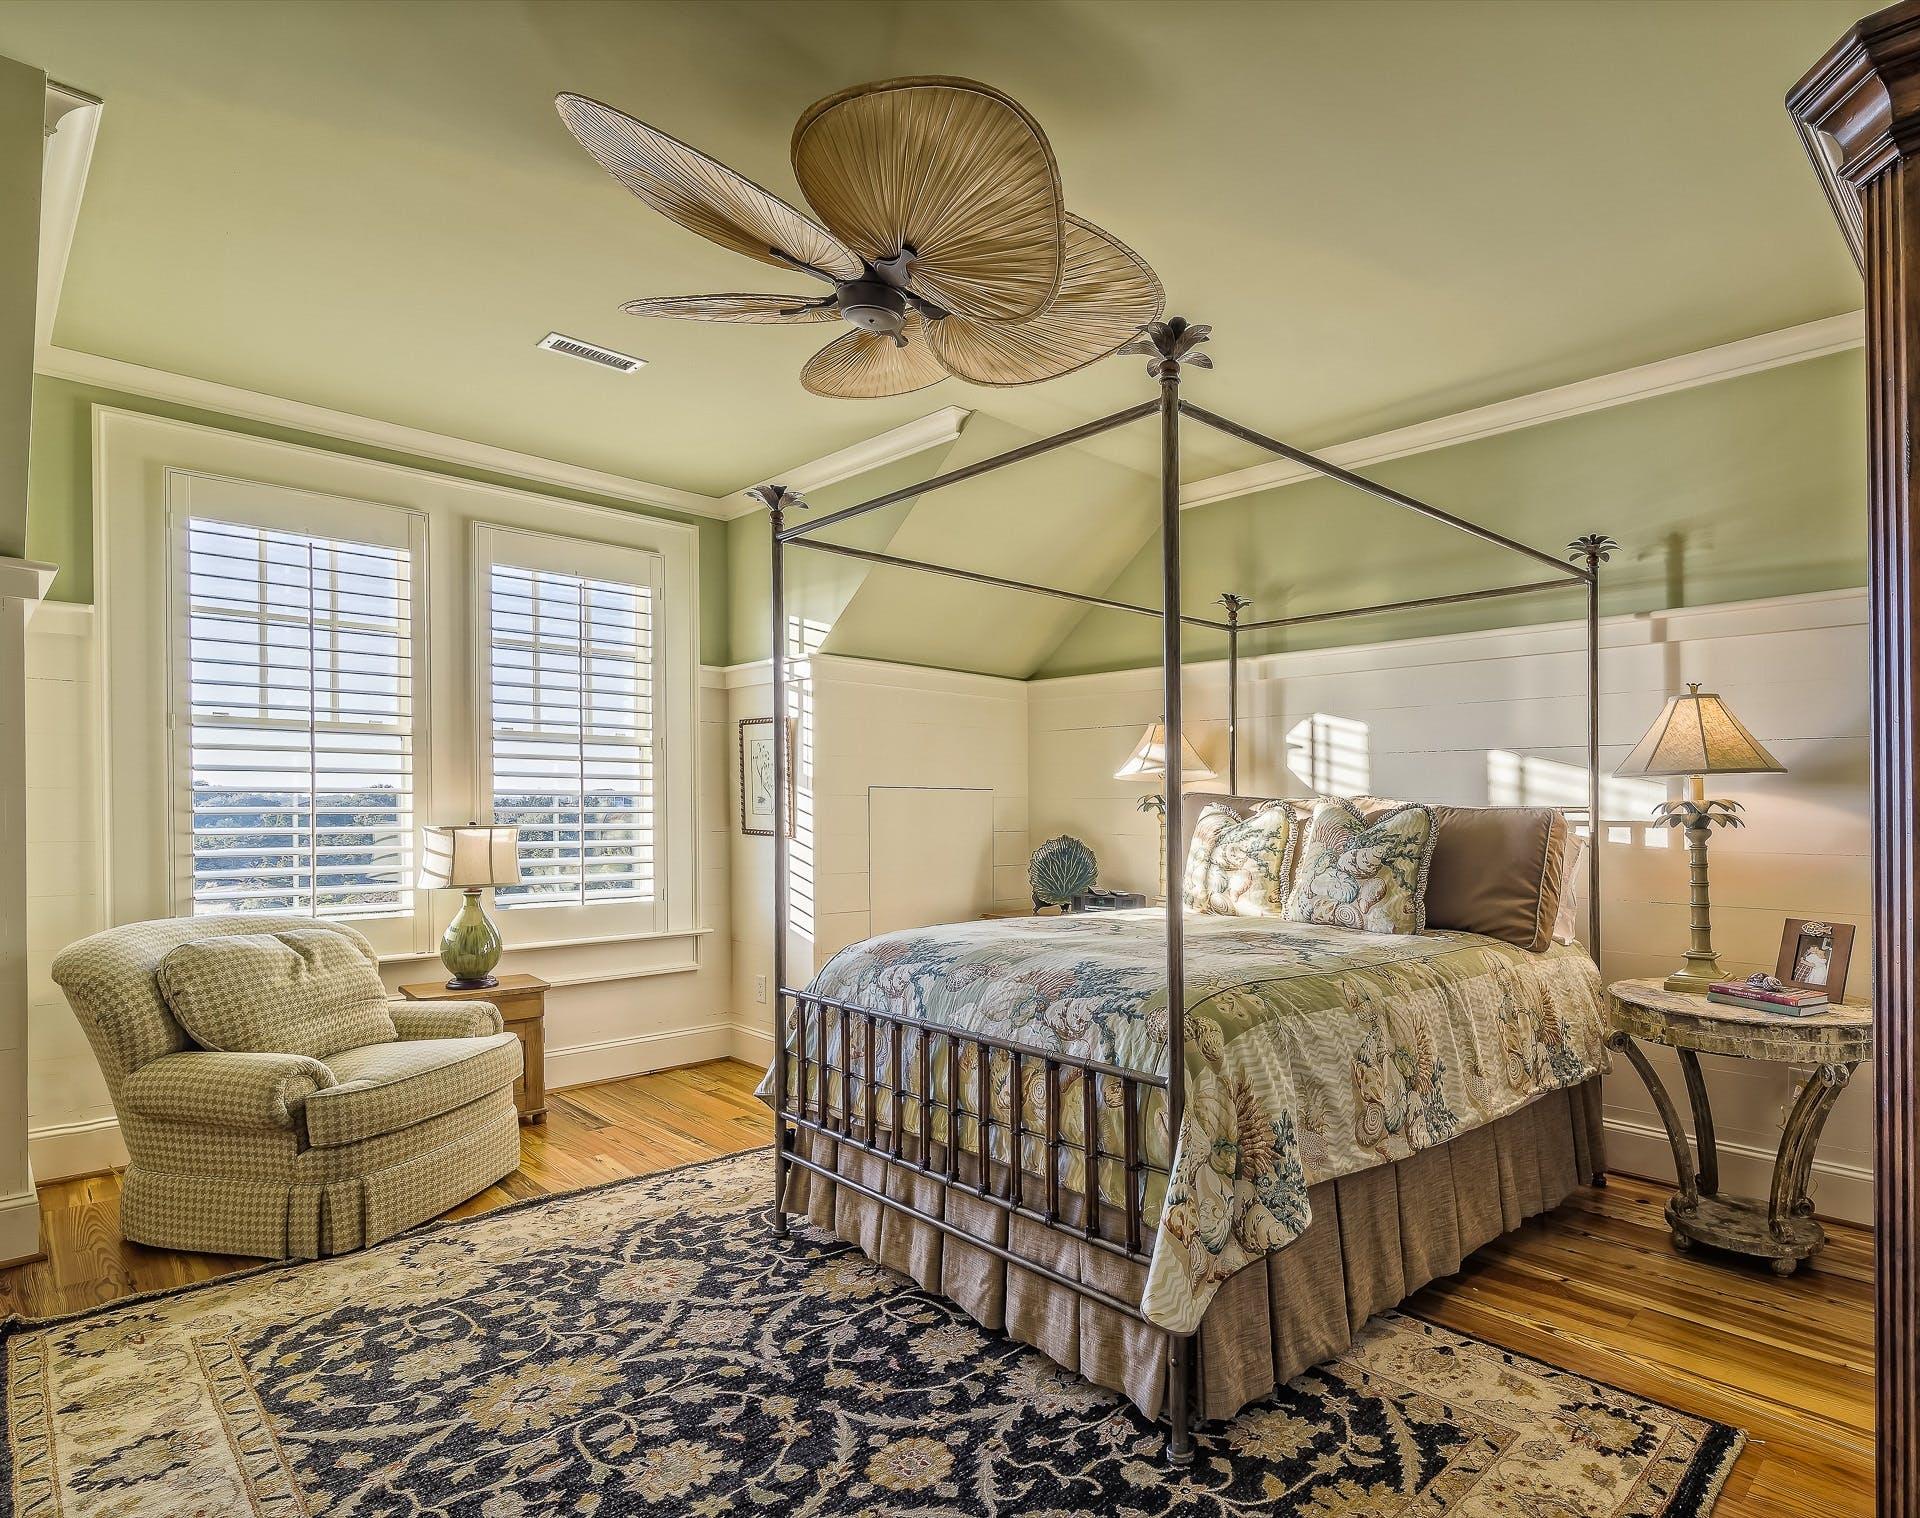 Необычный дизайн интерьера с уникальной люстрой и высокой кроватью с балдахином.